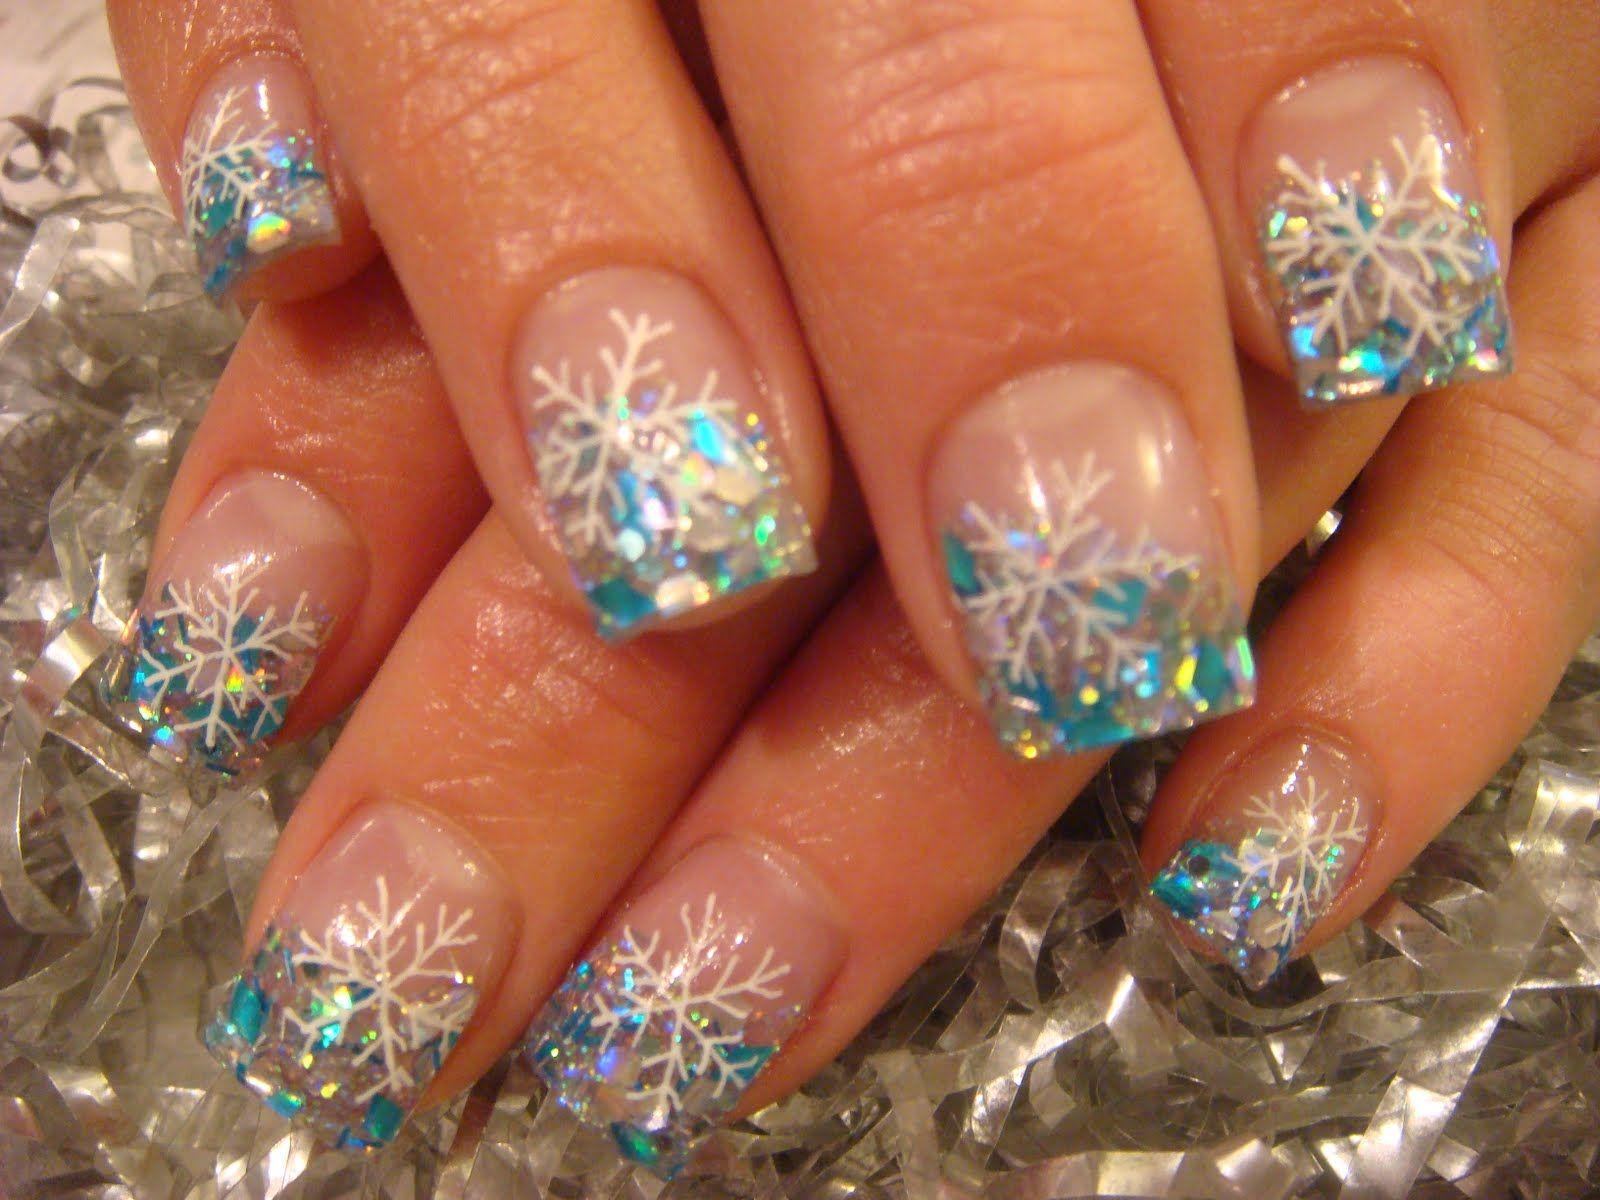 Snowflake nails | Nail Art | Pinterest | Snowflake nails, Winter ...